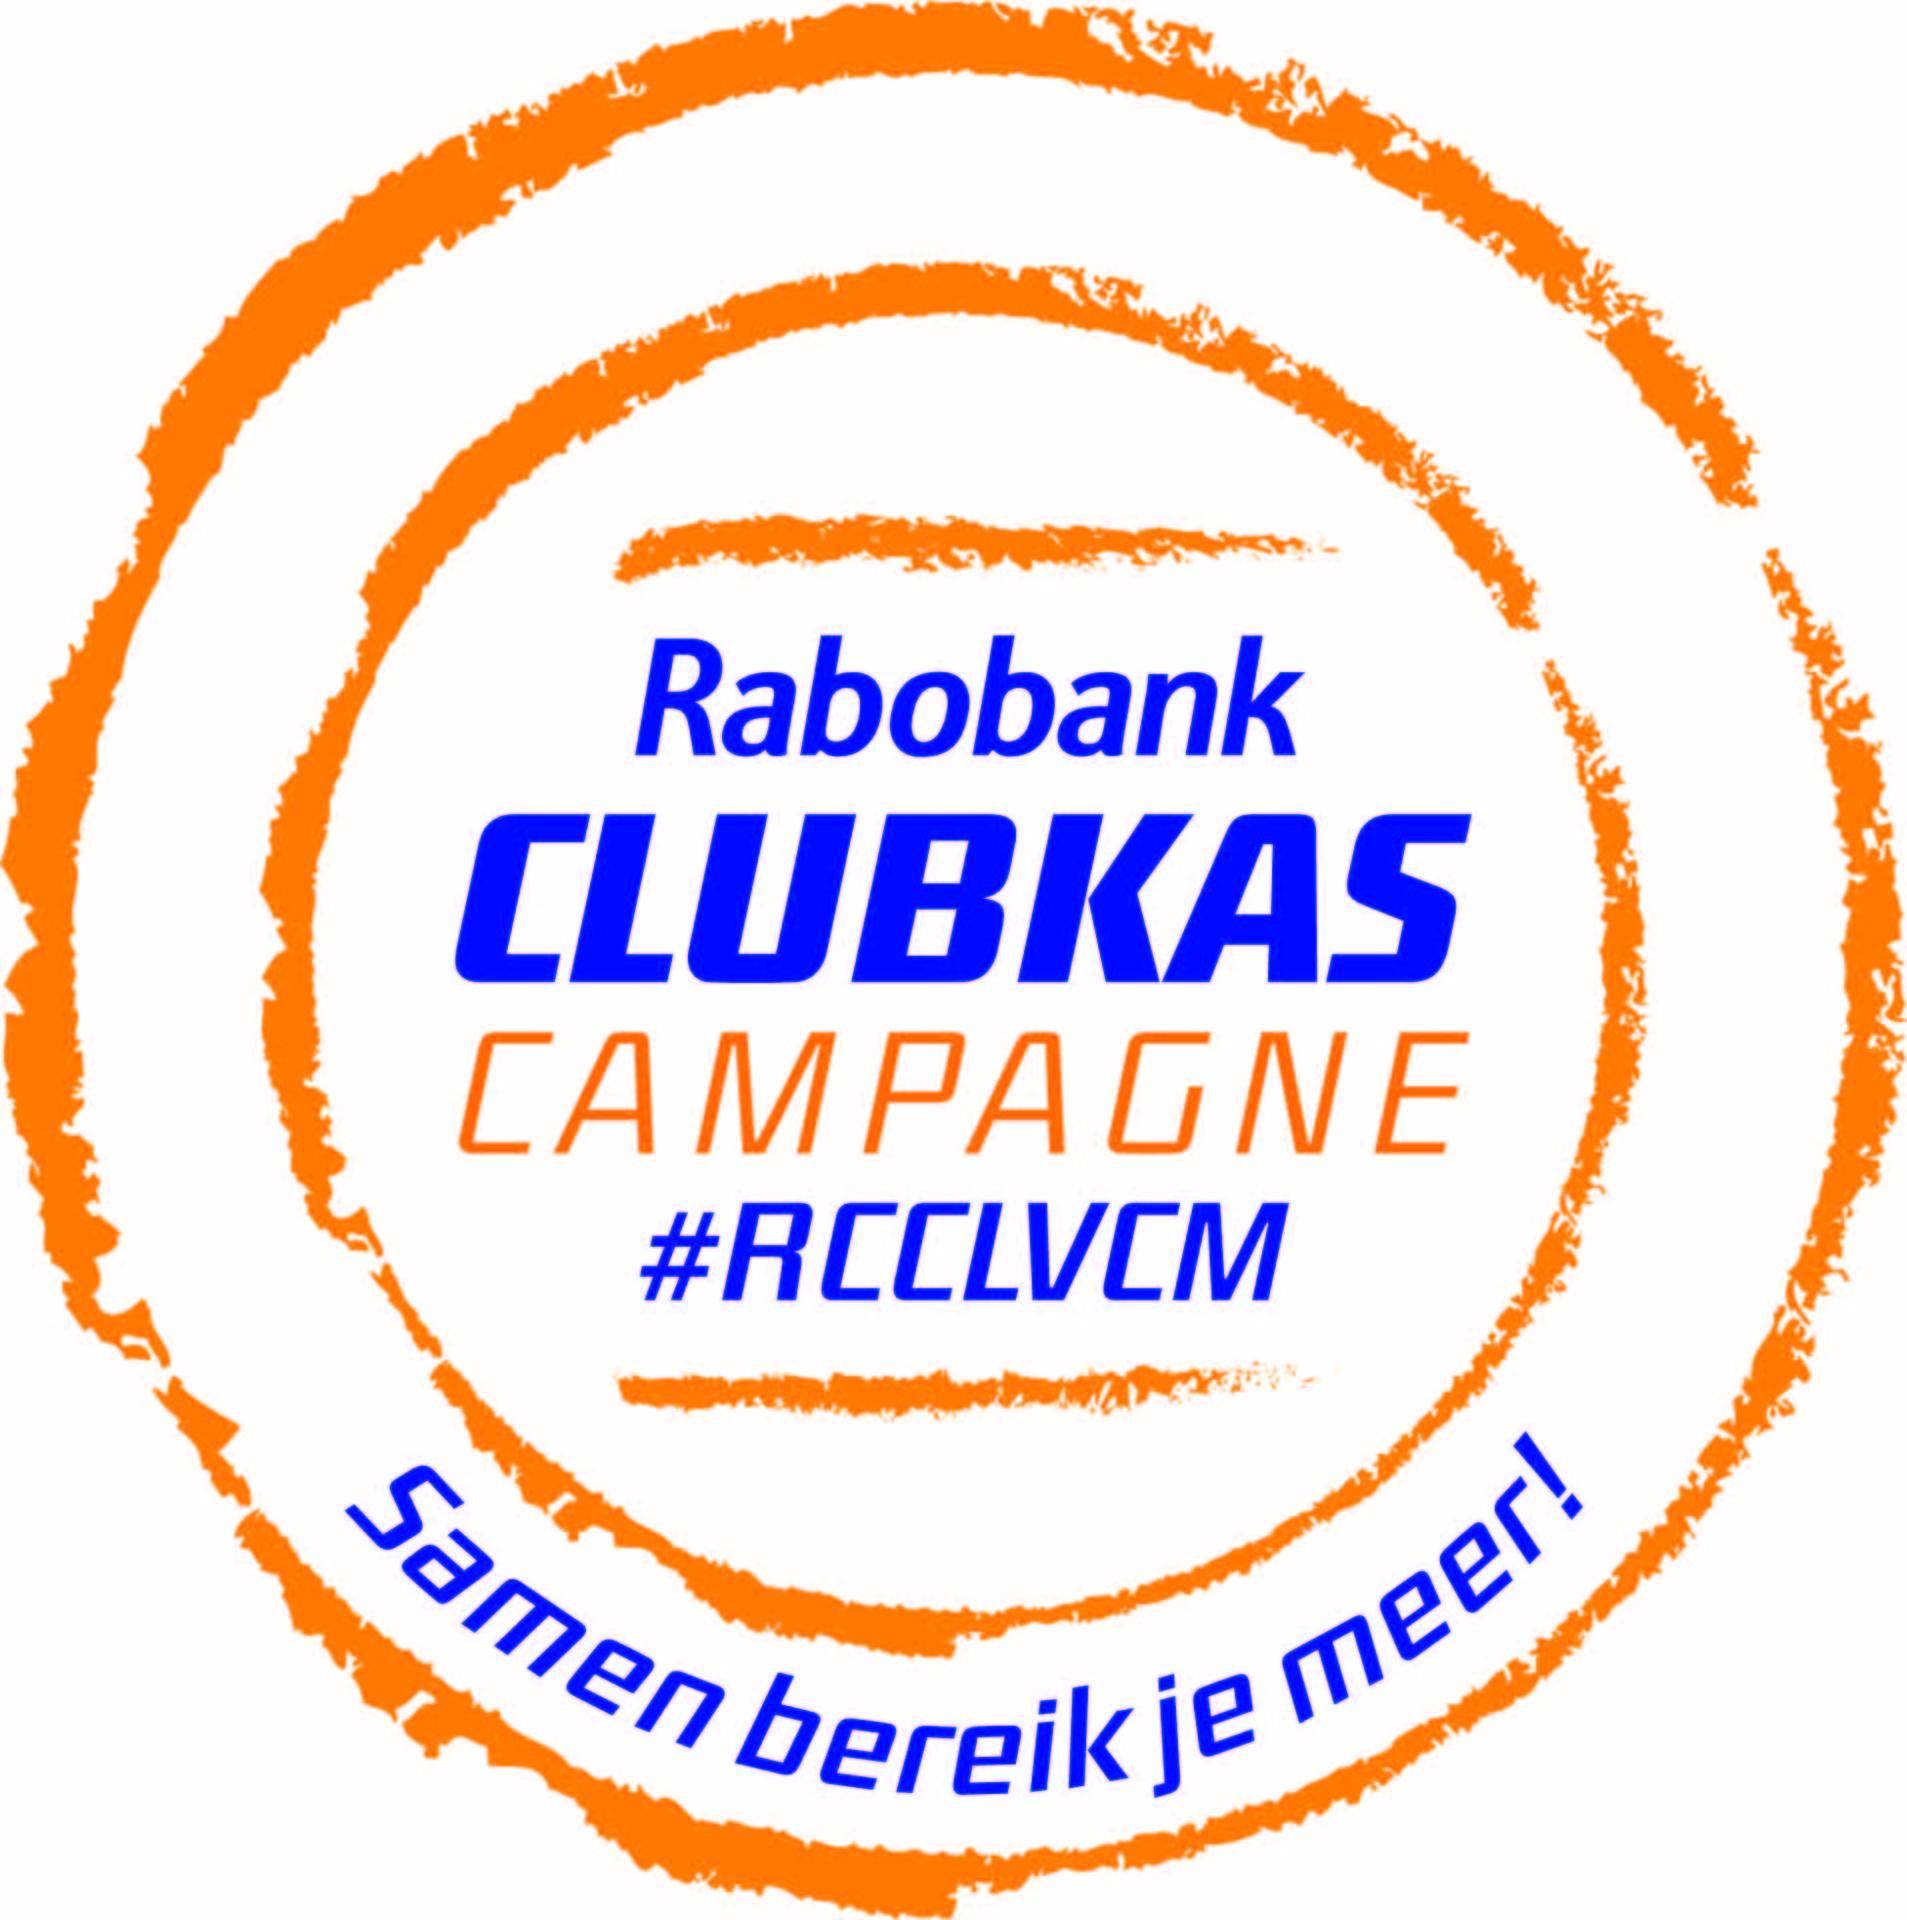 Help De Zwaluw Bij Raboclubkas Campagne